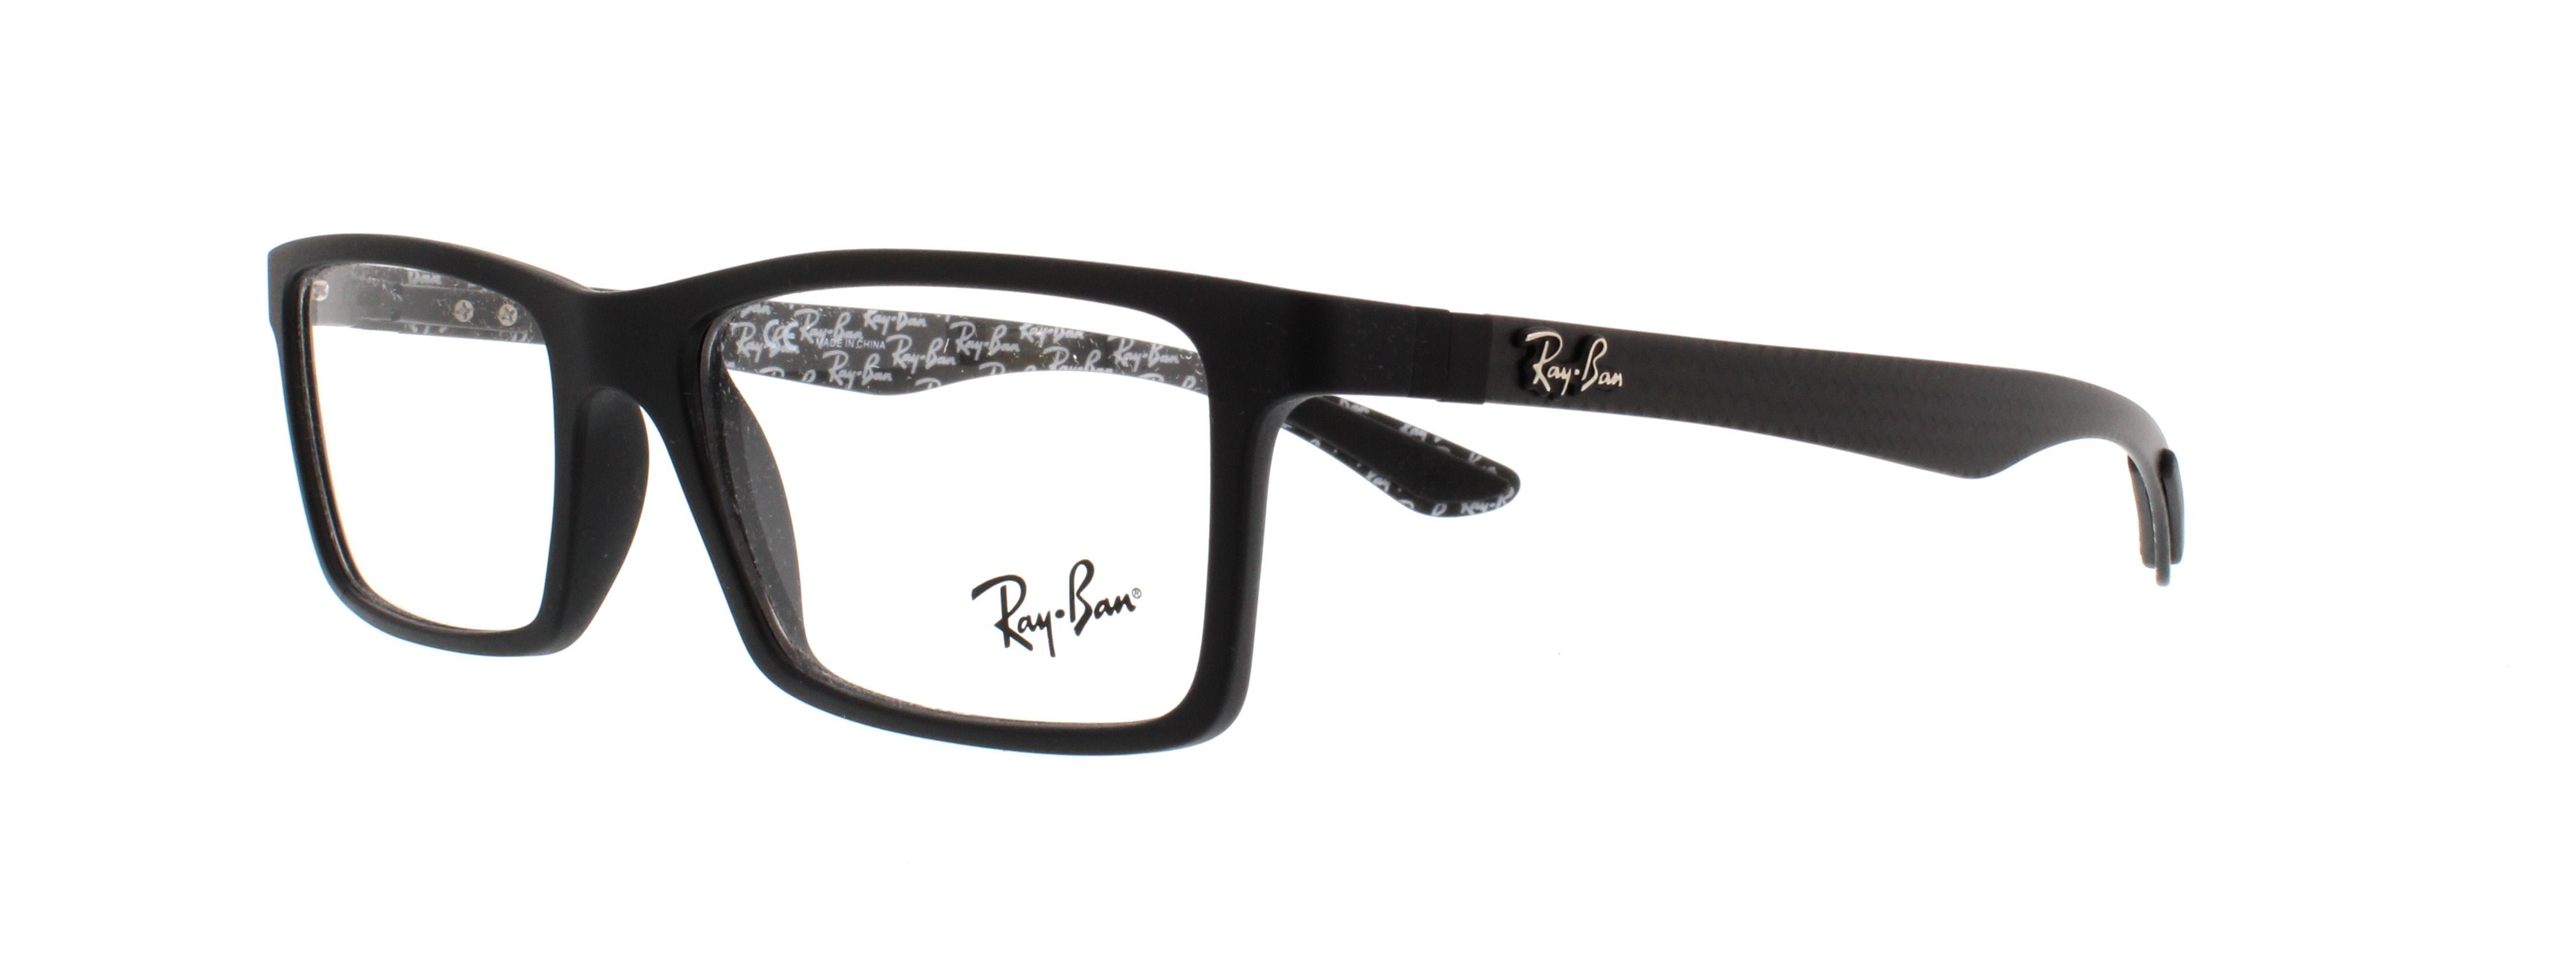 f6d374dd5f784 Designer Frames Outlet. Ray Ban RX8901